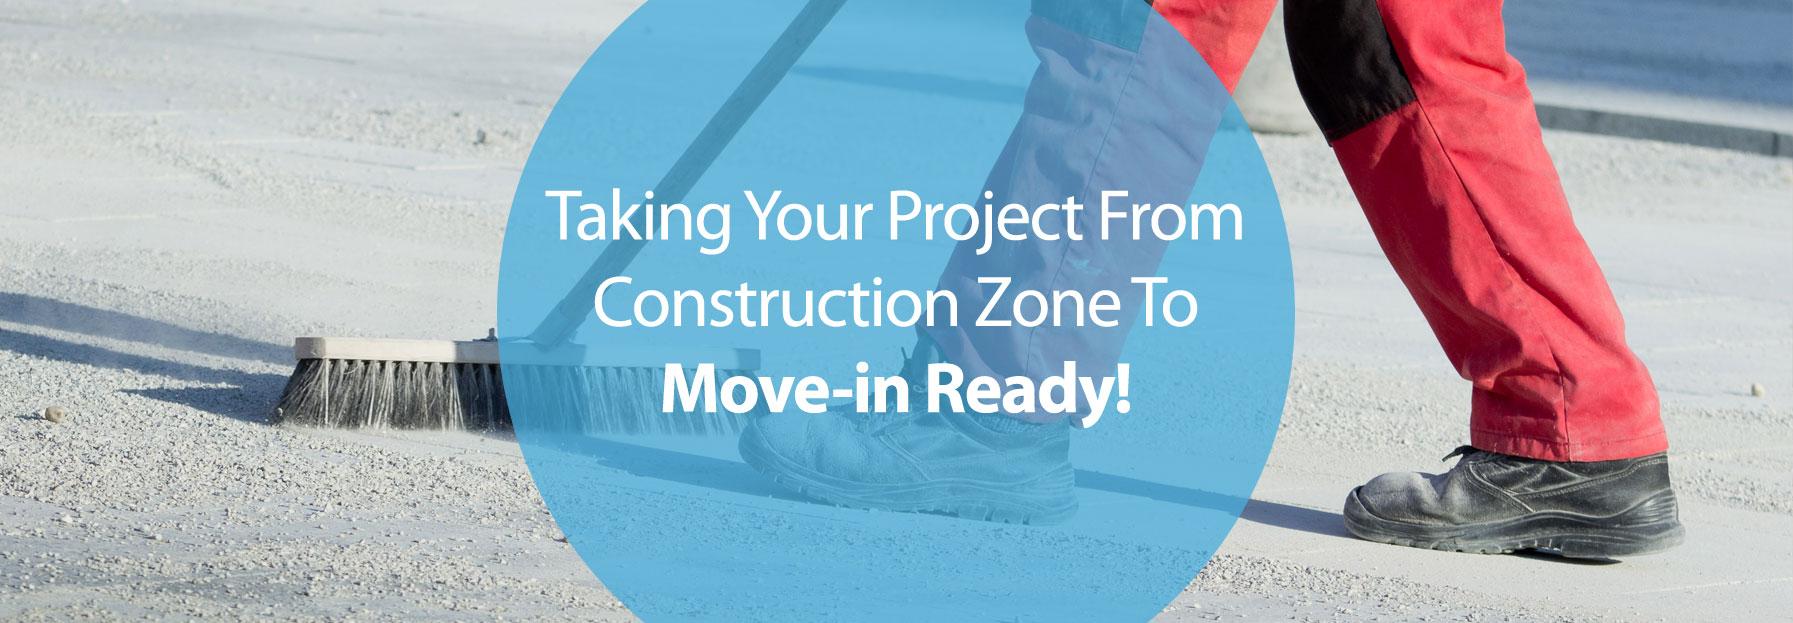 post-construction-header